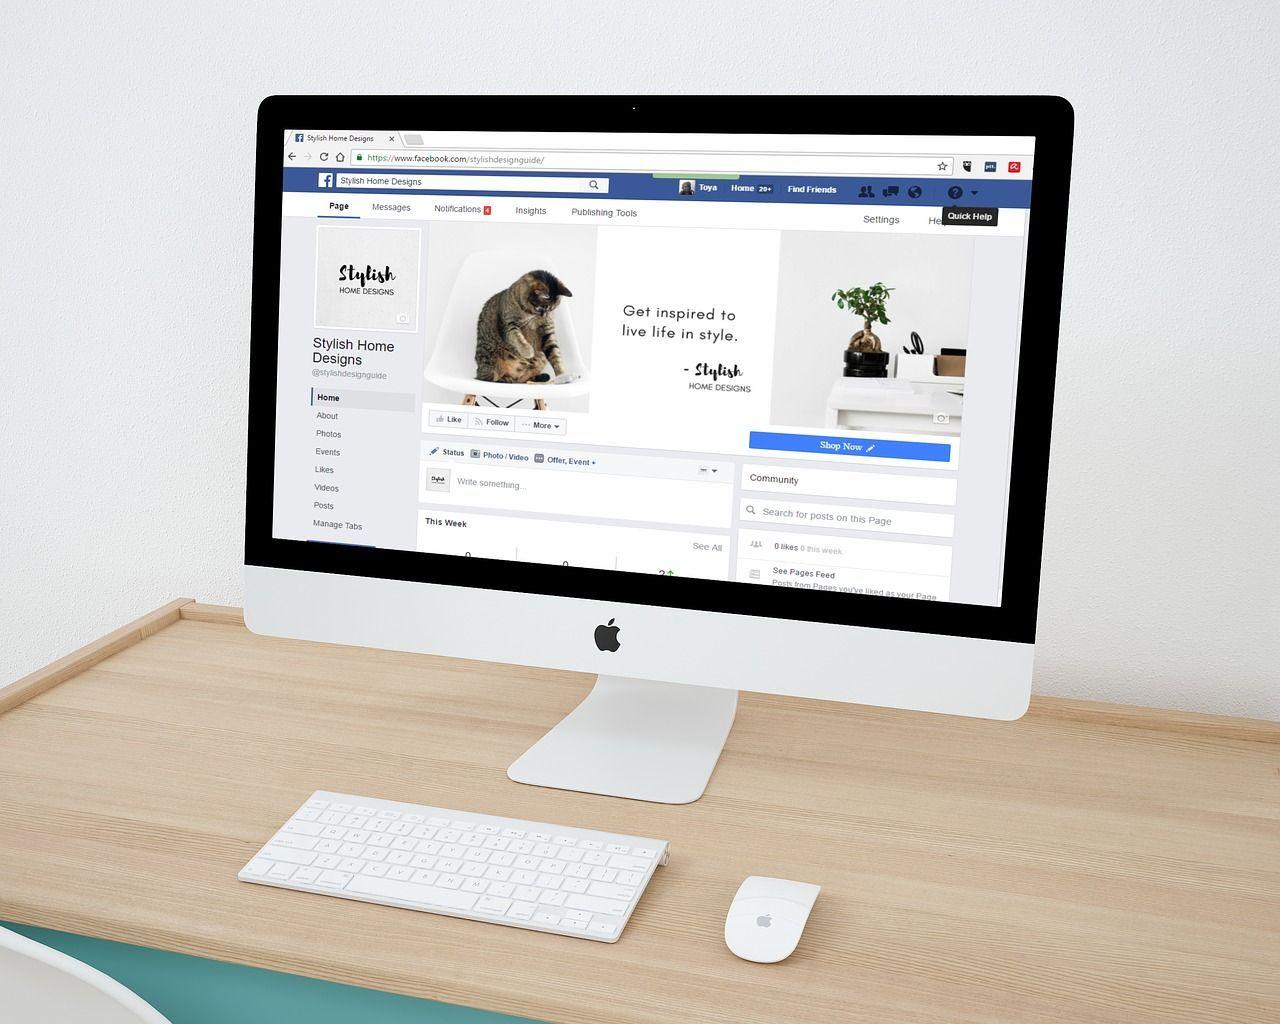 facebook-crea-un-nuevo-logotipo-para-diferenciar-entre-empresa-y-red-social